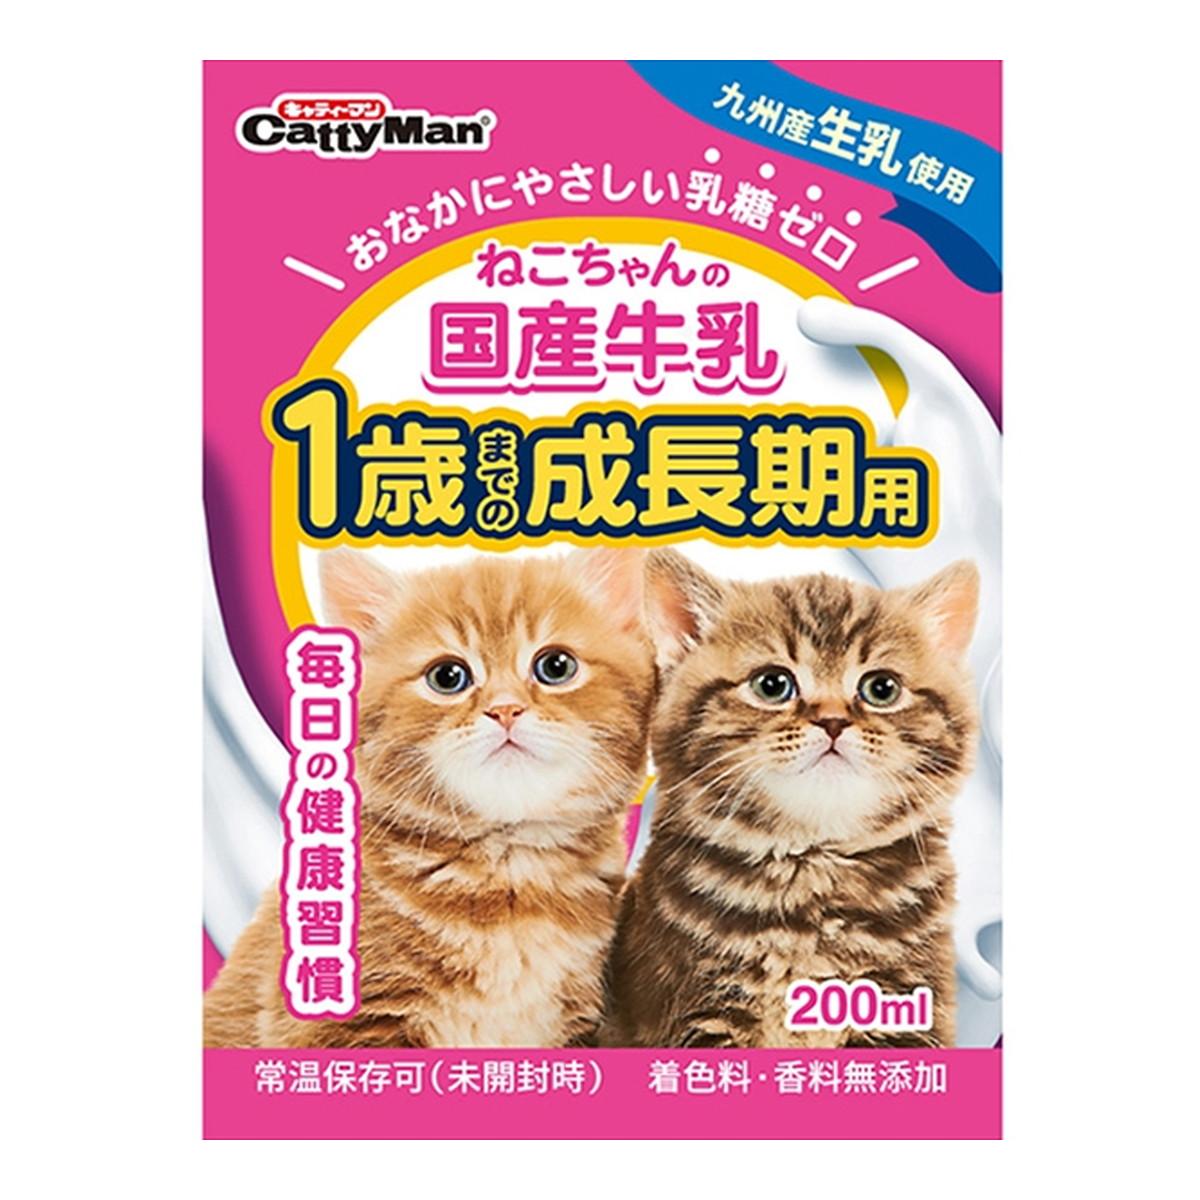 おなかにやさしい ペットのための 贈答品 乳糖ゼロ ミルク 猫 猫フード キャットフード 4974926010411 あわせ買い2999円以上で送料無料 牛乳 ドギーマン ハヤシ 国産 ねこちゃんの 安売り キャティーマン 200ml 1歳までの成長期用